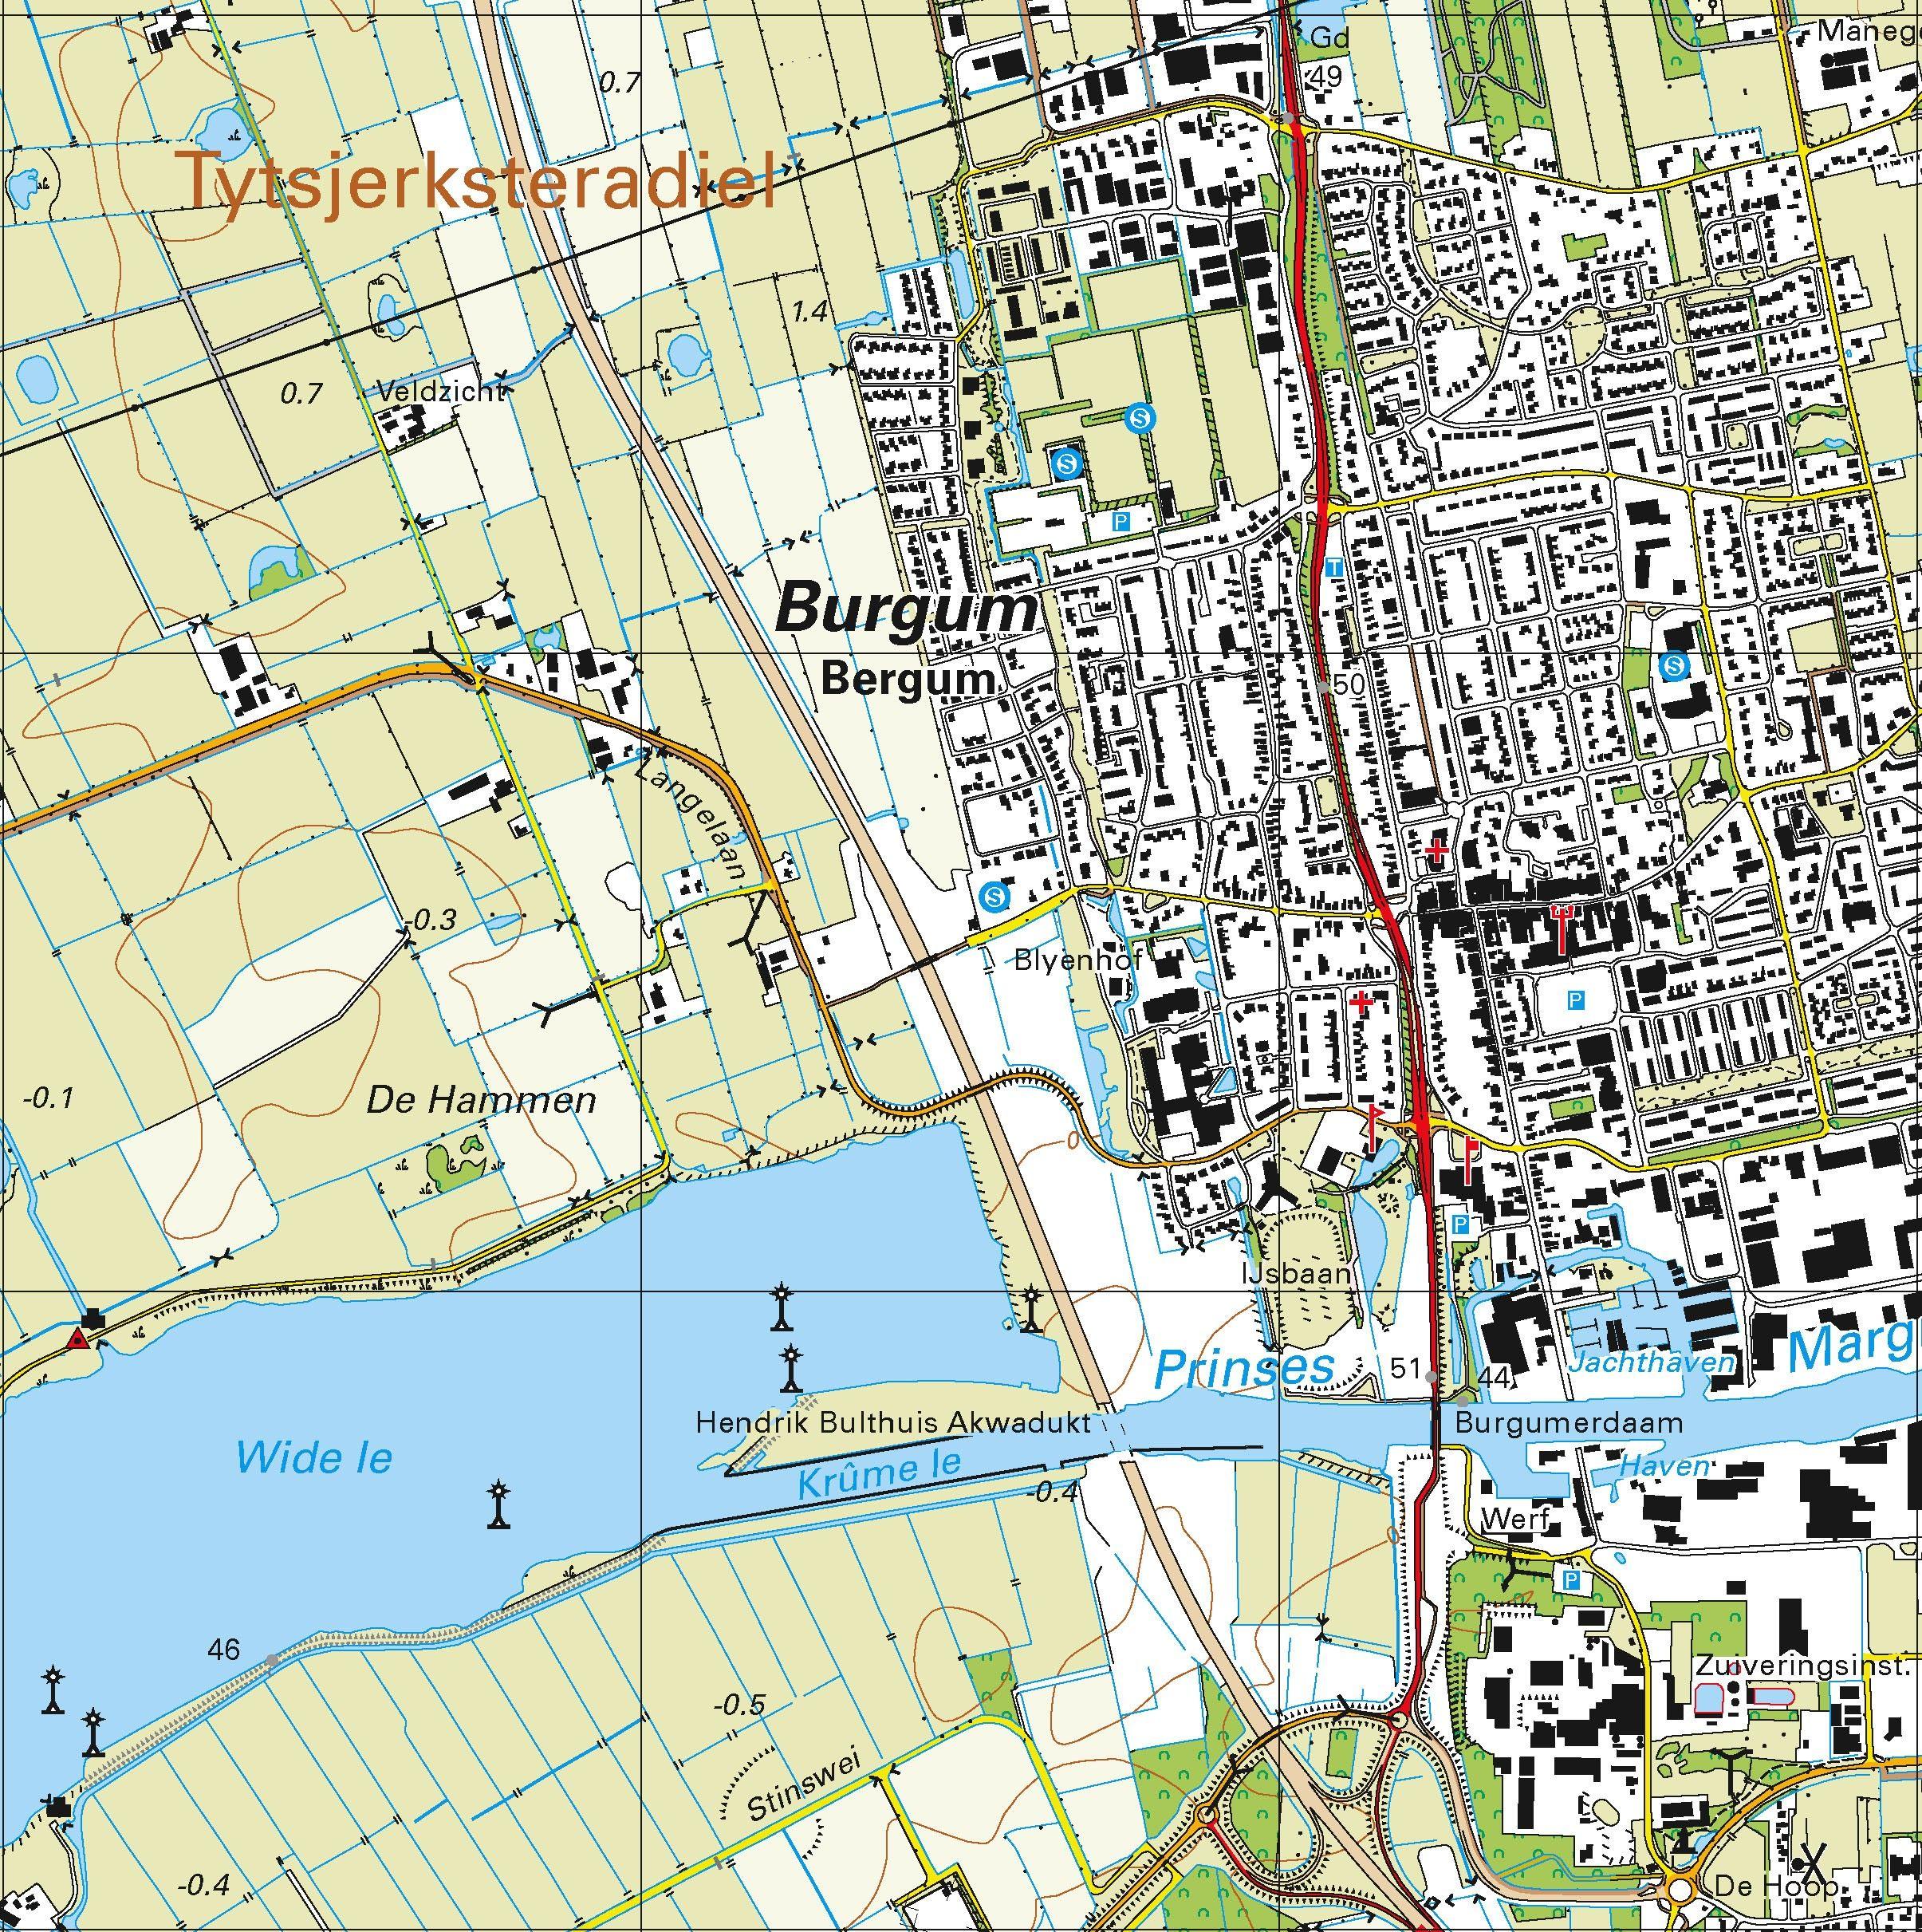 Topografische kaart schaal 1:25.000 (Buitenpost, Susrhuisterveen, Drachten, Beetsterzwaag, Bergum)